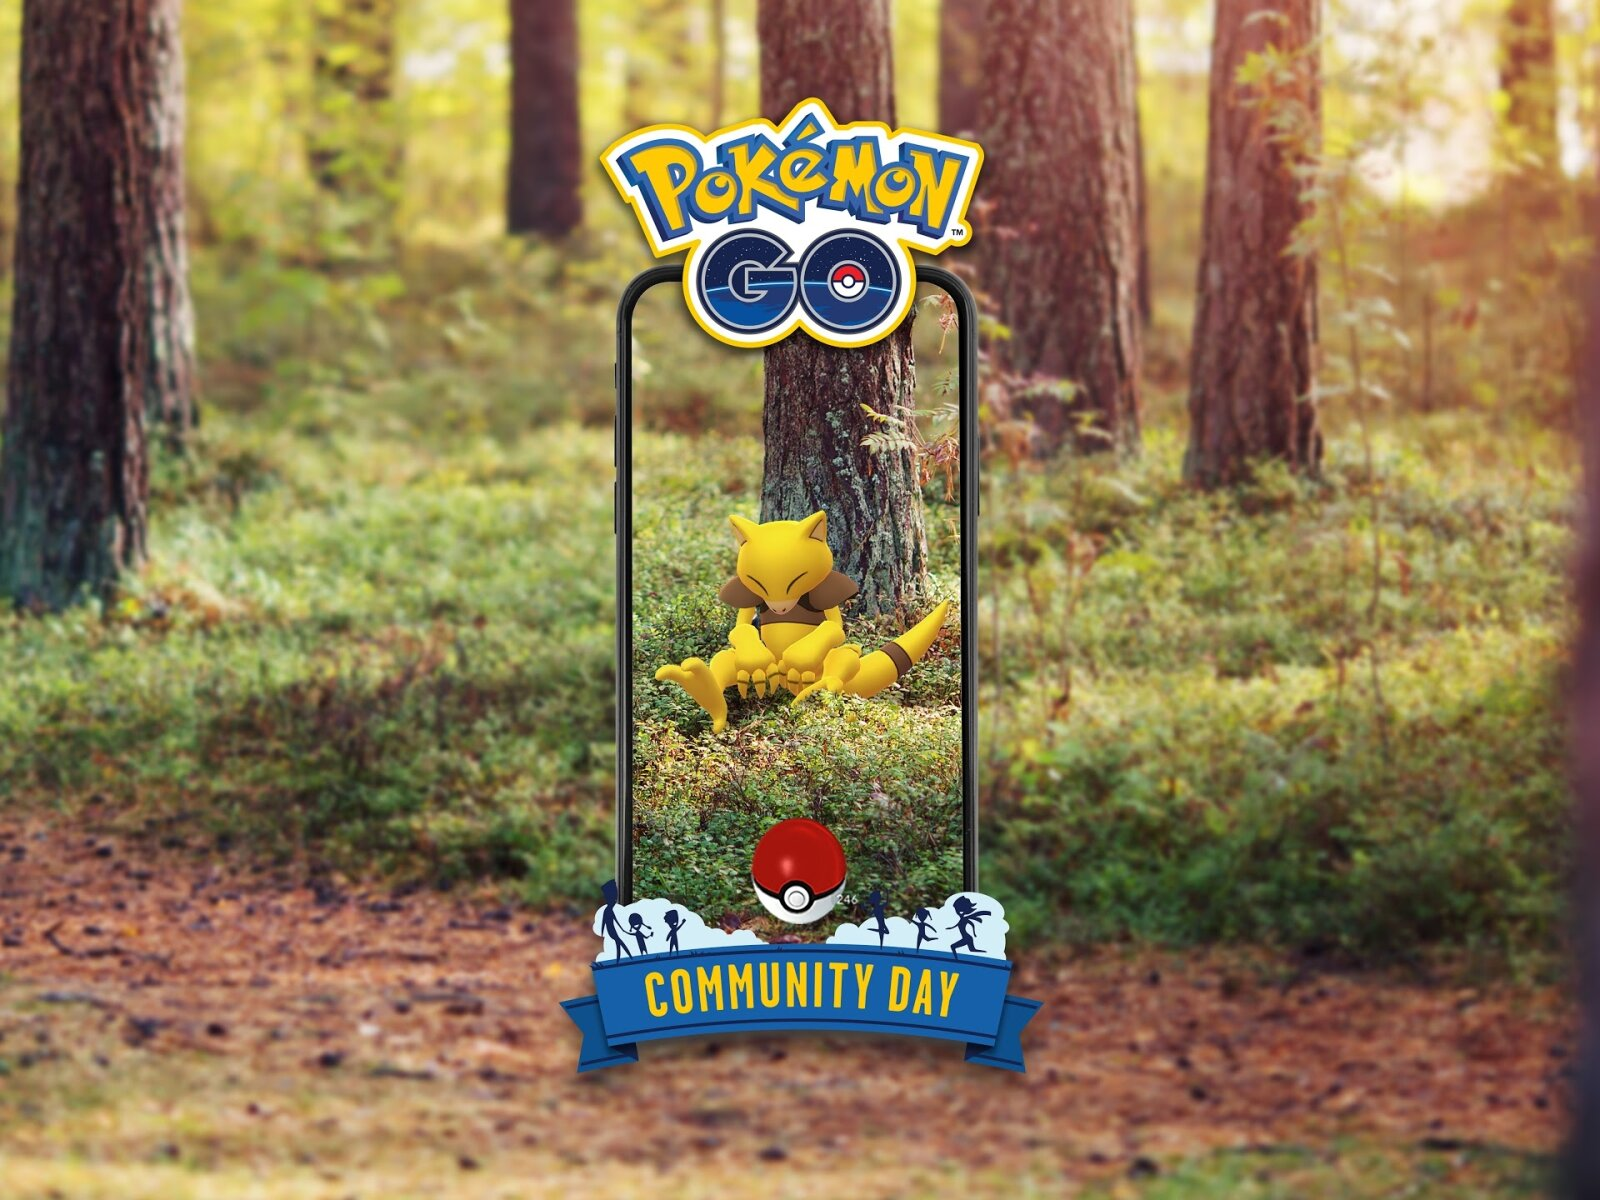 La journée communautaire de février dans Pokémon GO sera animée par Abra